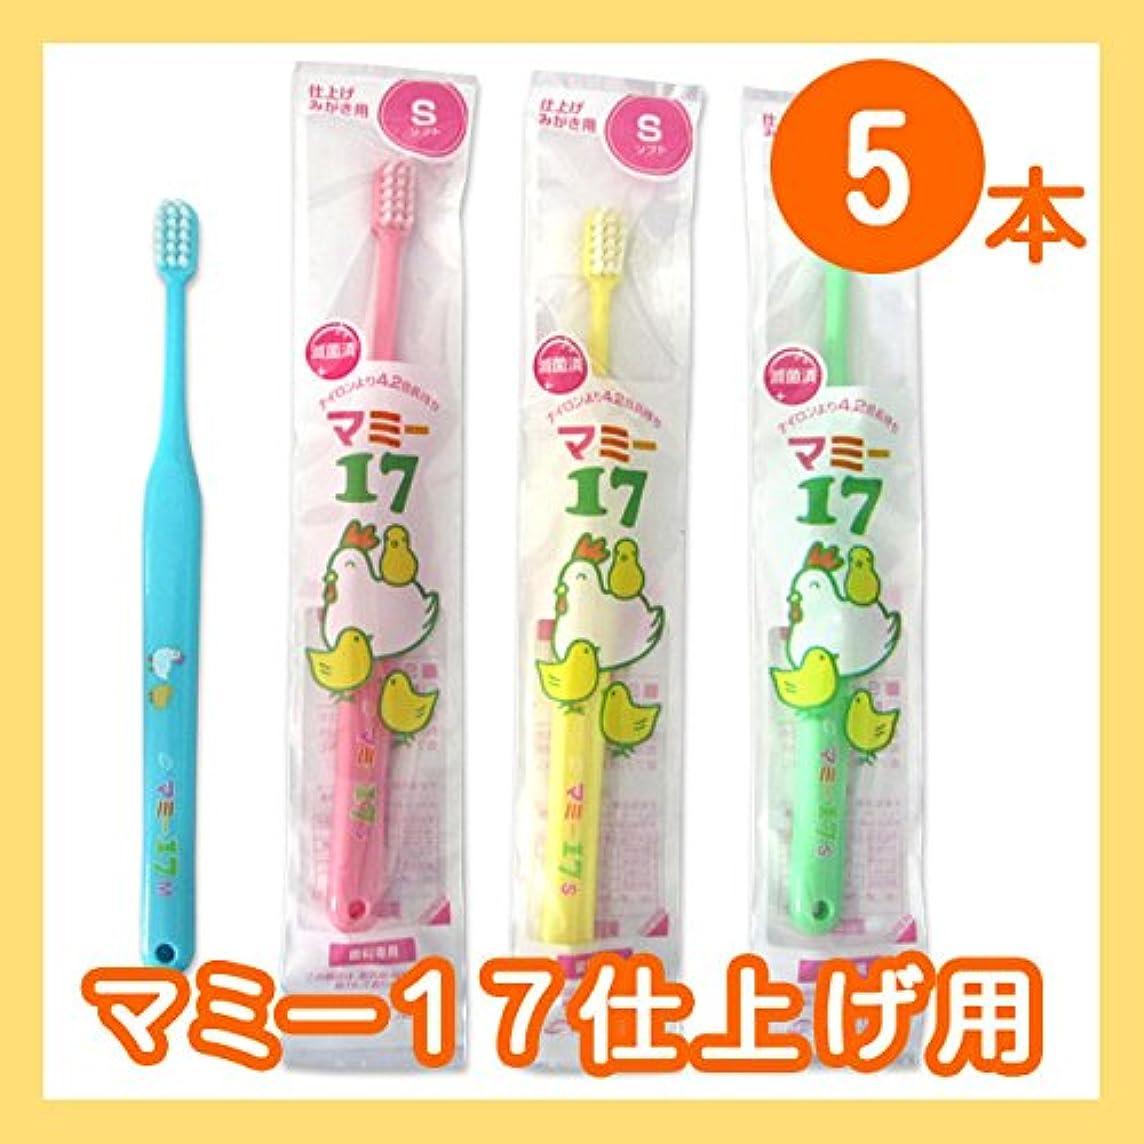 スクリューレパートリーたまにオーラルケア マミー17 子供 点検?仕上げ磨き用 歯ブラシ 5本セット ミディアム イエロー